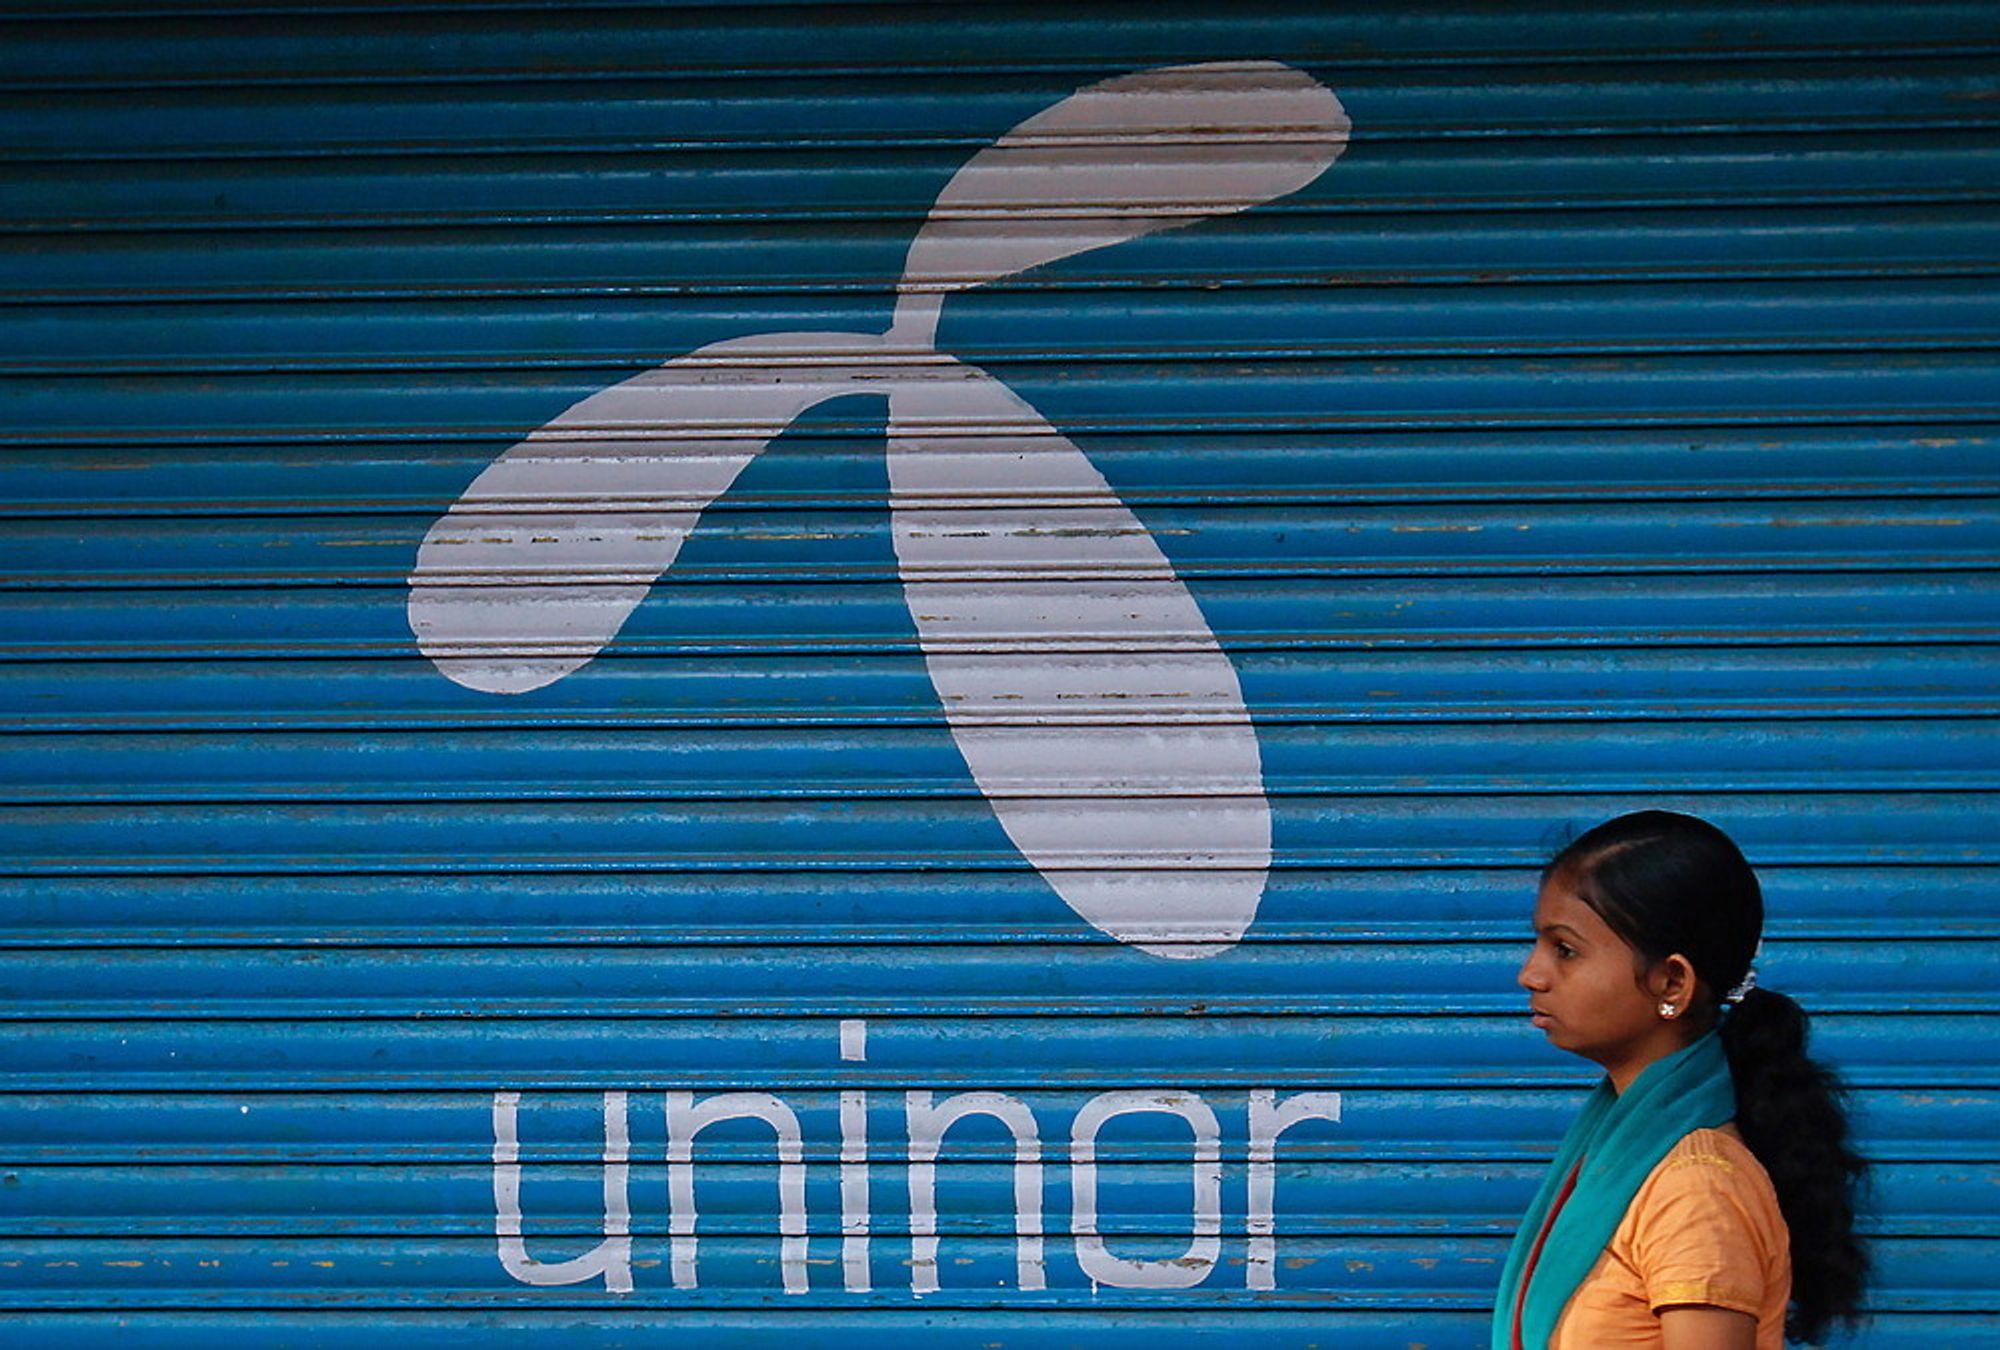 Telenor kjøpte seg inn i tildelte mobillisenser i 2008 ved å investere 8 milliarder for en andel på 67 prosent i selskapet Uninor.